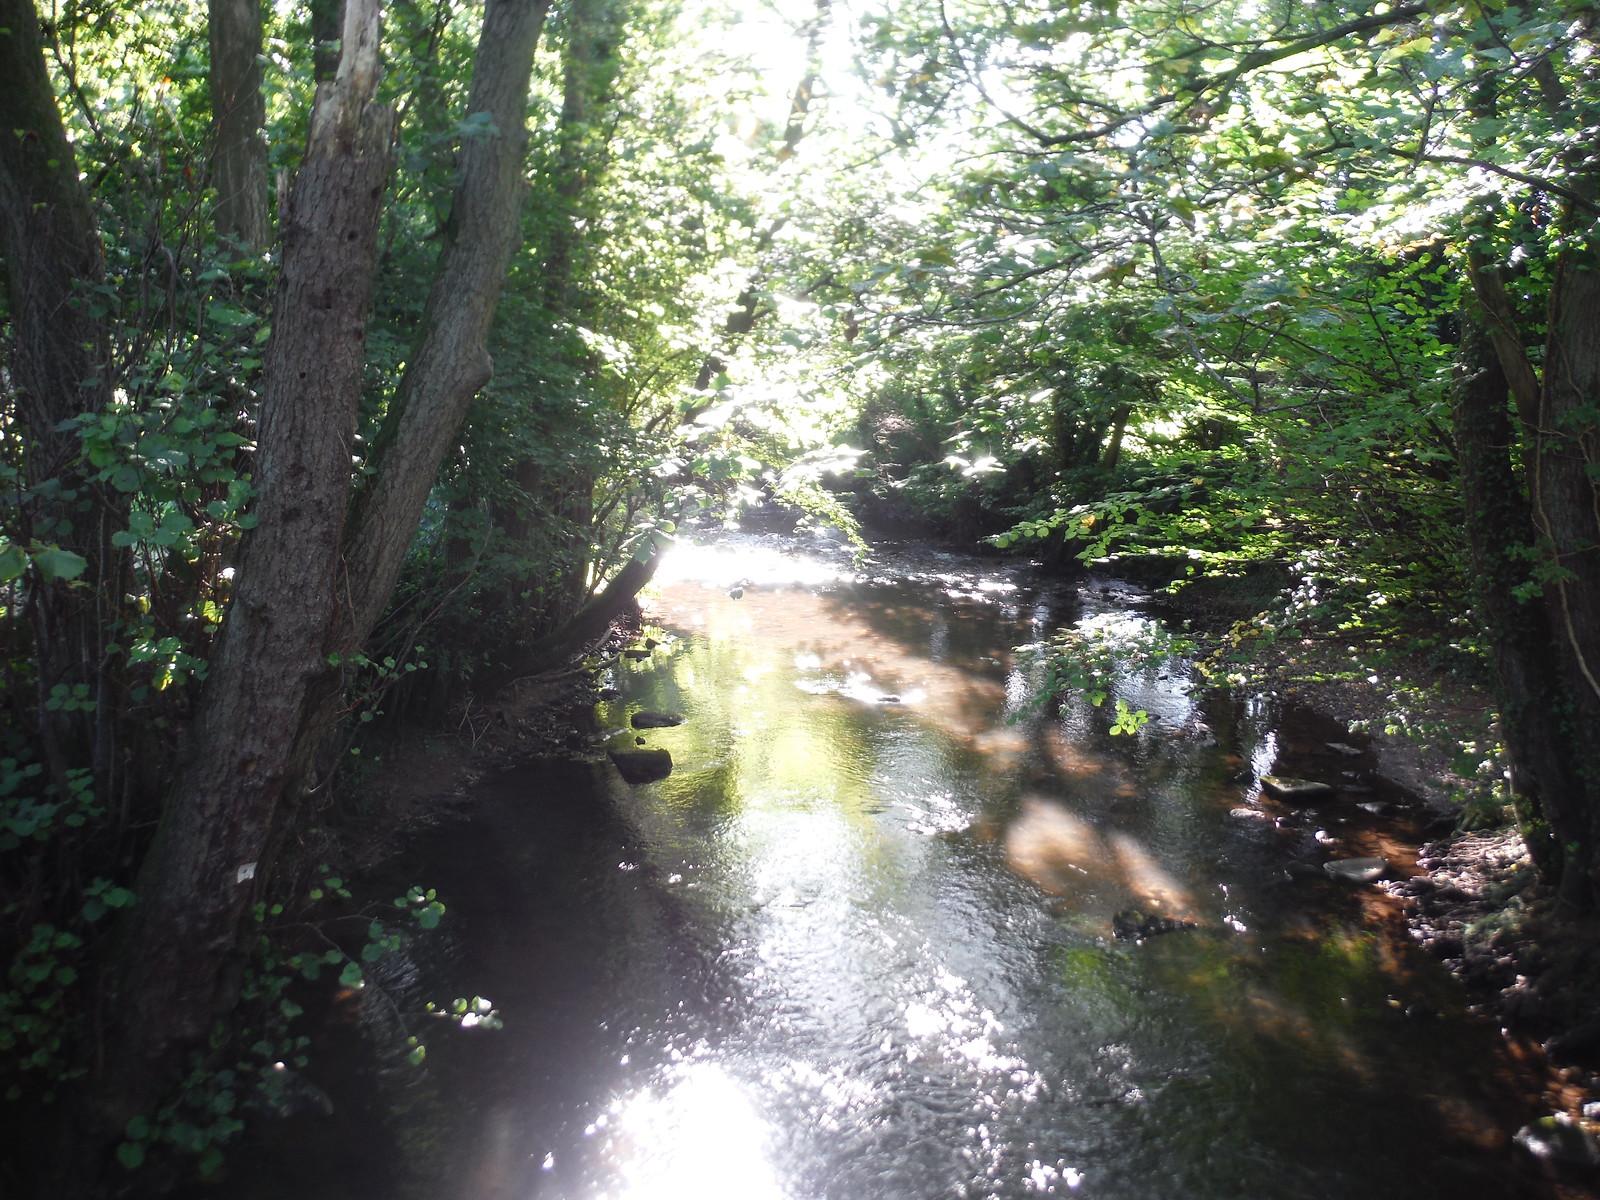 Honddu River/Afon Honddu, near Strawberry Cottage SWC Walk 347 - Llanvihangel Crucorney Circular (via Bryn Arw and The Skirrid)